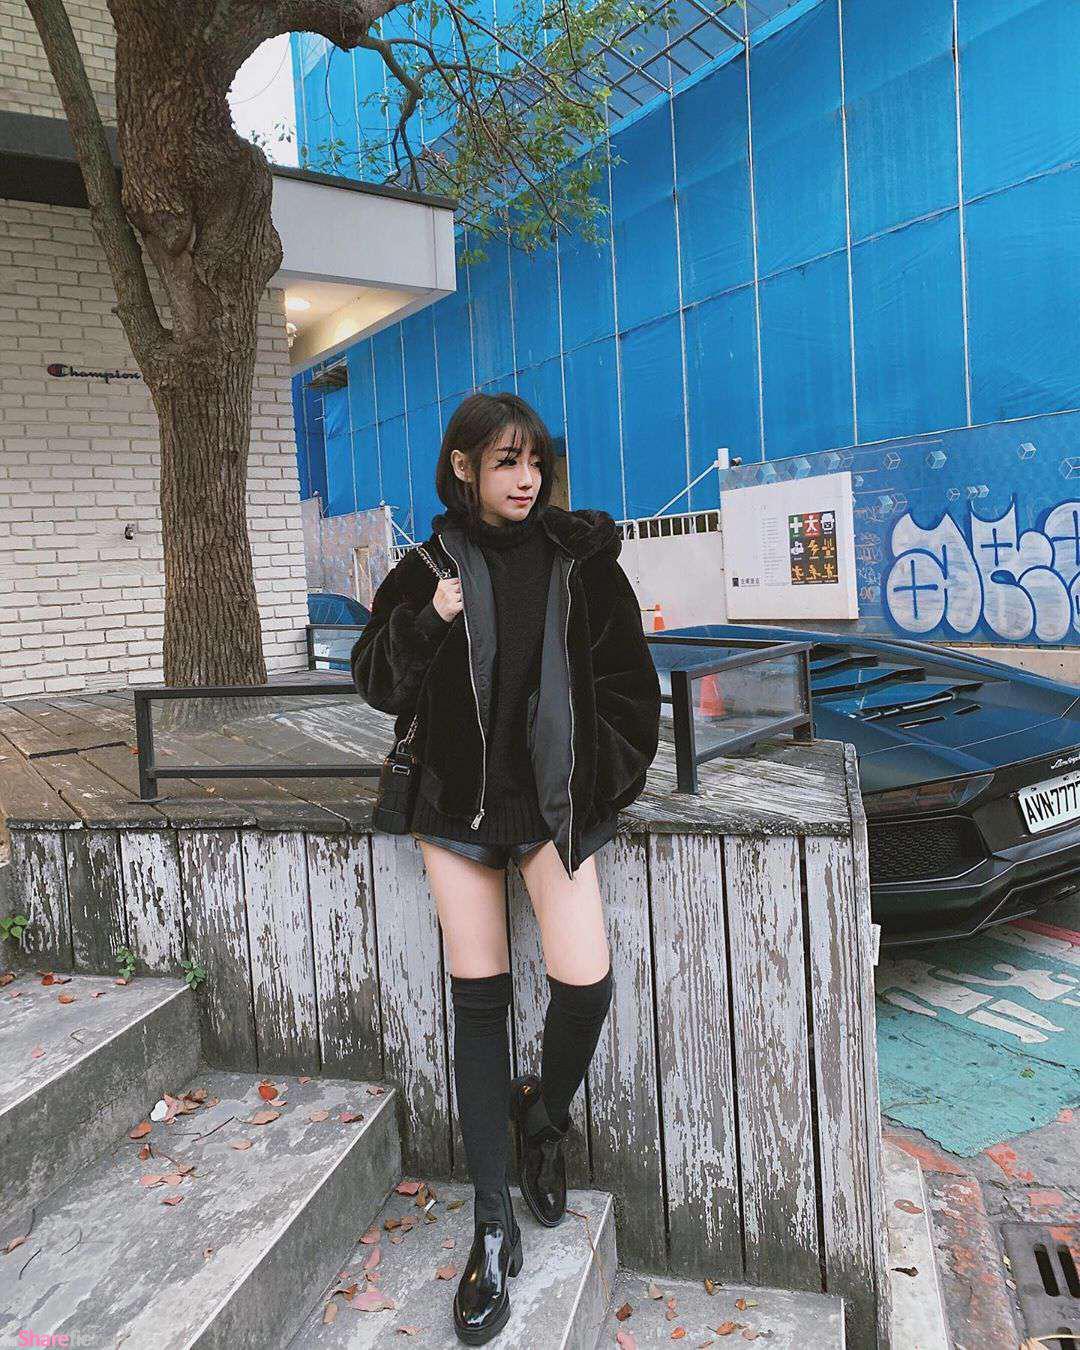 短发正妹Cecilia改变造型,网友赞:我以为是哪国的明星